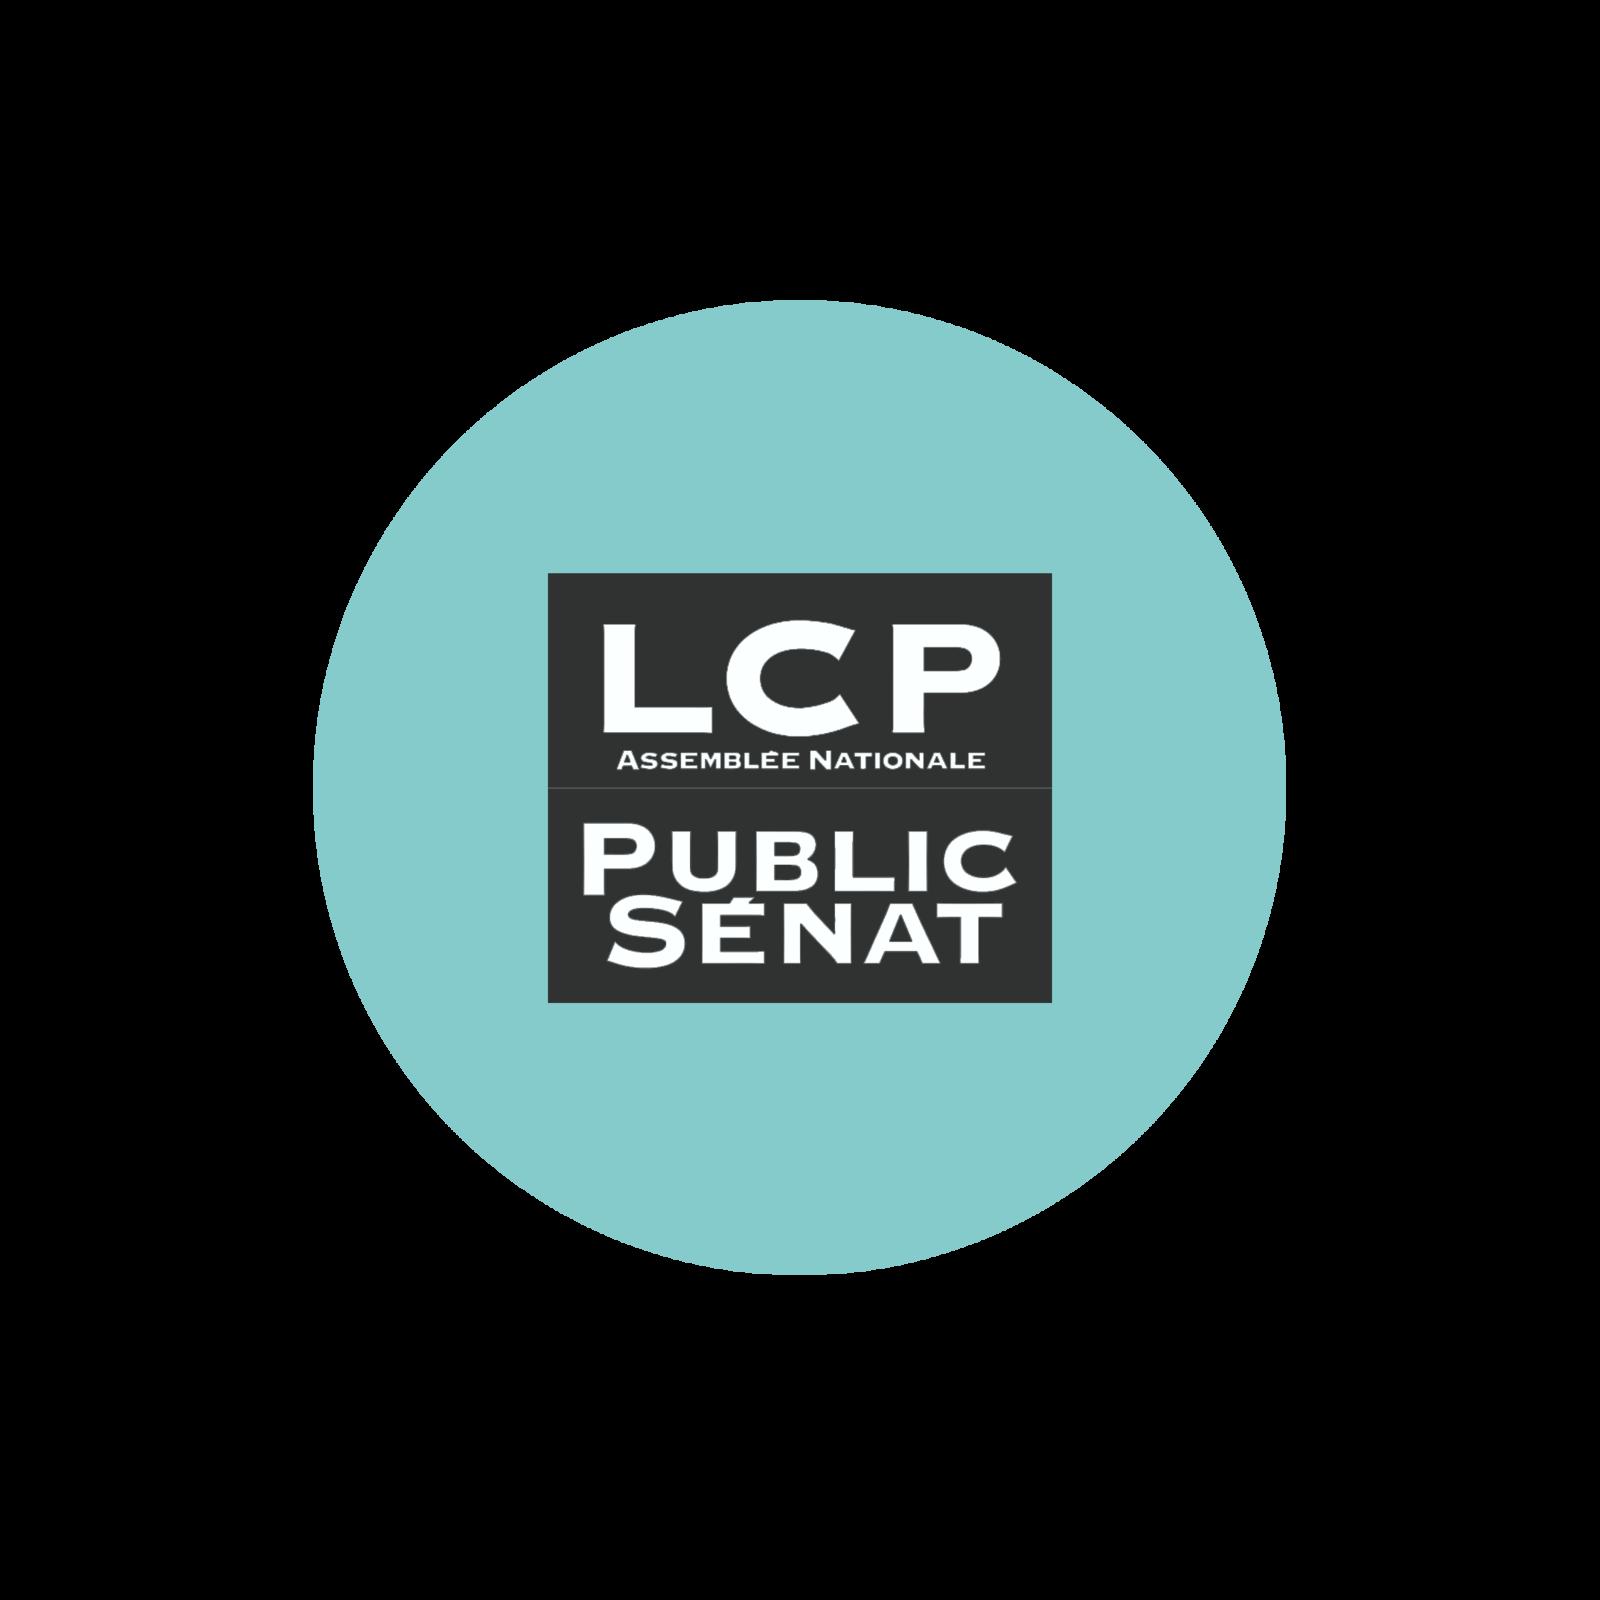 La direction de LCP exprime sa plus grande stupéfaction après l'adoption d'une motion de défiance.